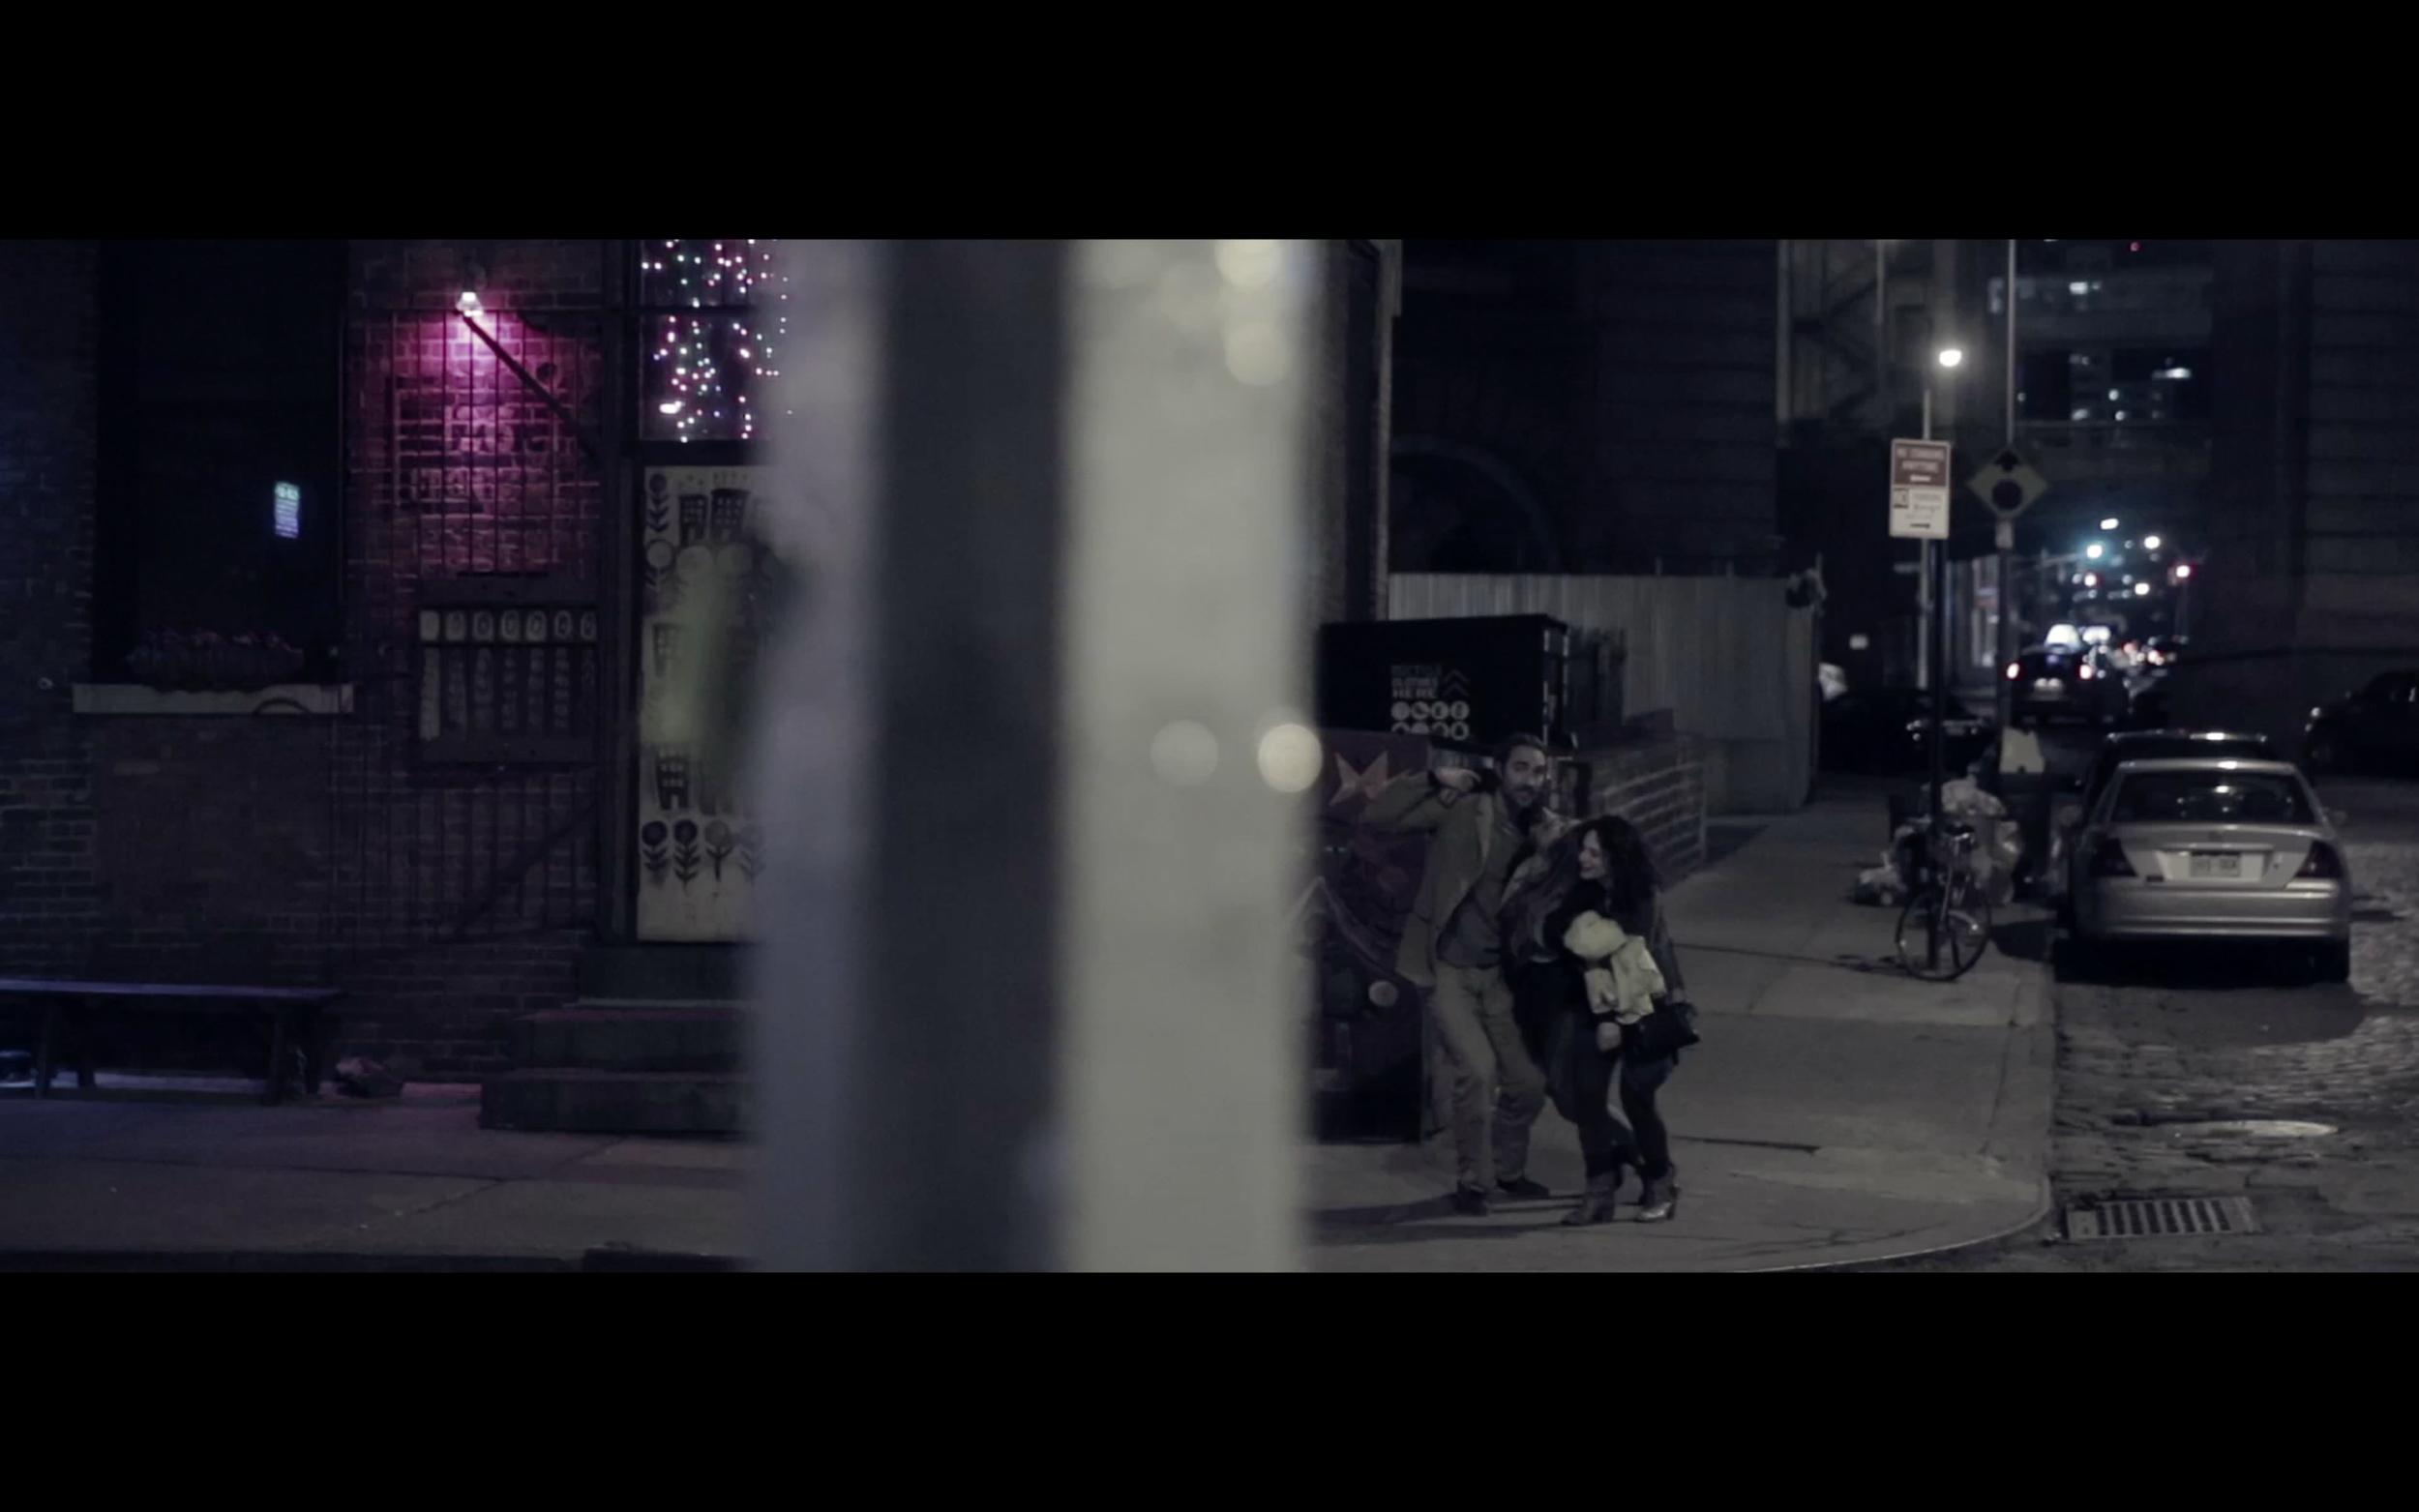 Screen Shot 2014-10-29 at 9.34.22 PM.png